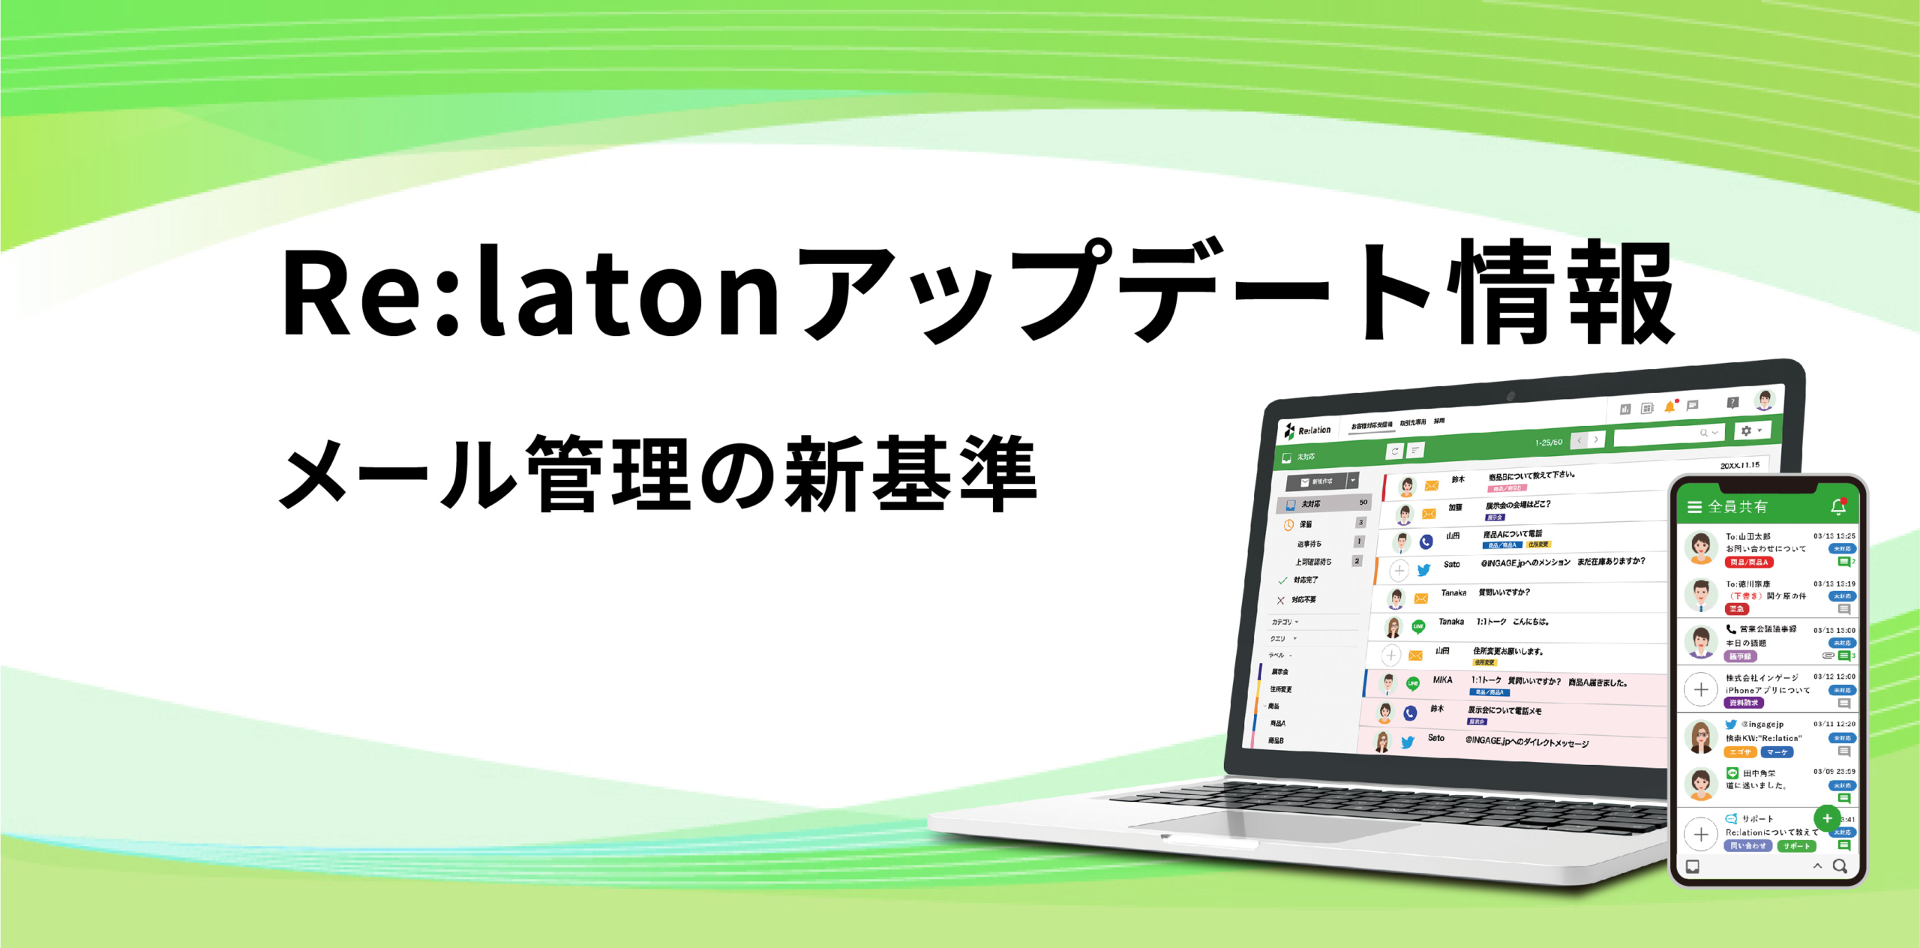 テレワーク時代のメール管理「Re:lation(リレーション)」9.17アップデート